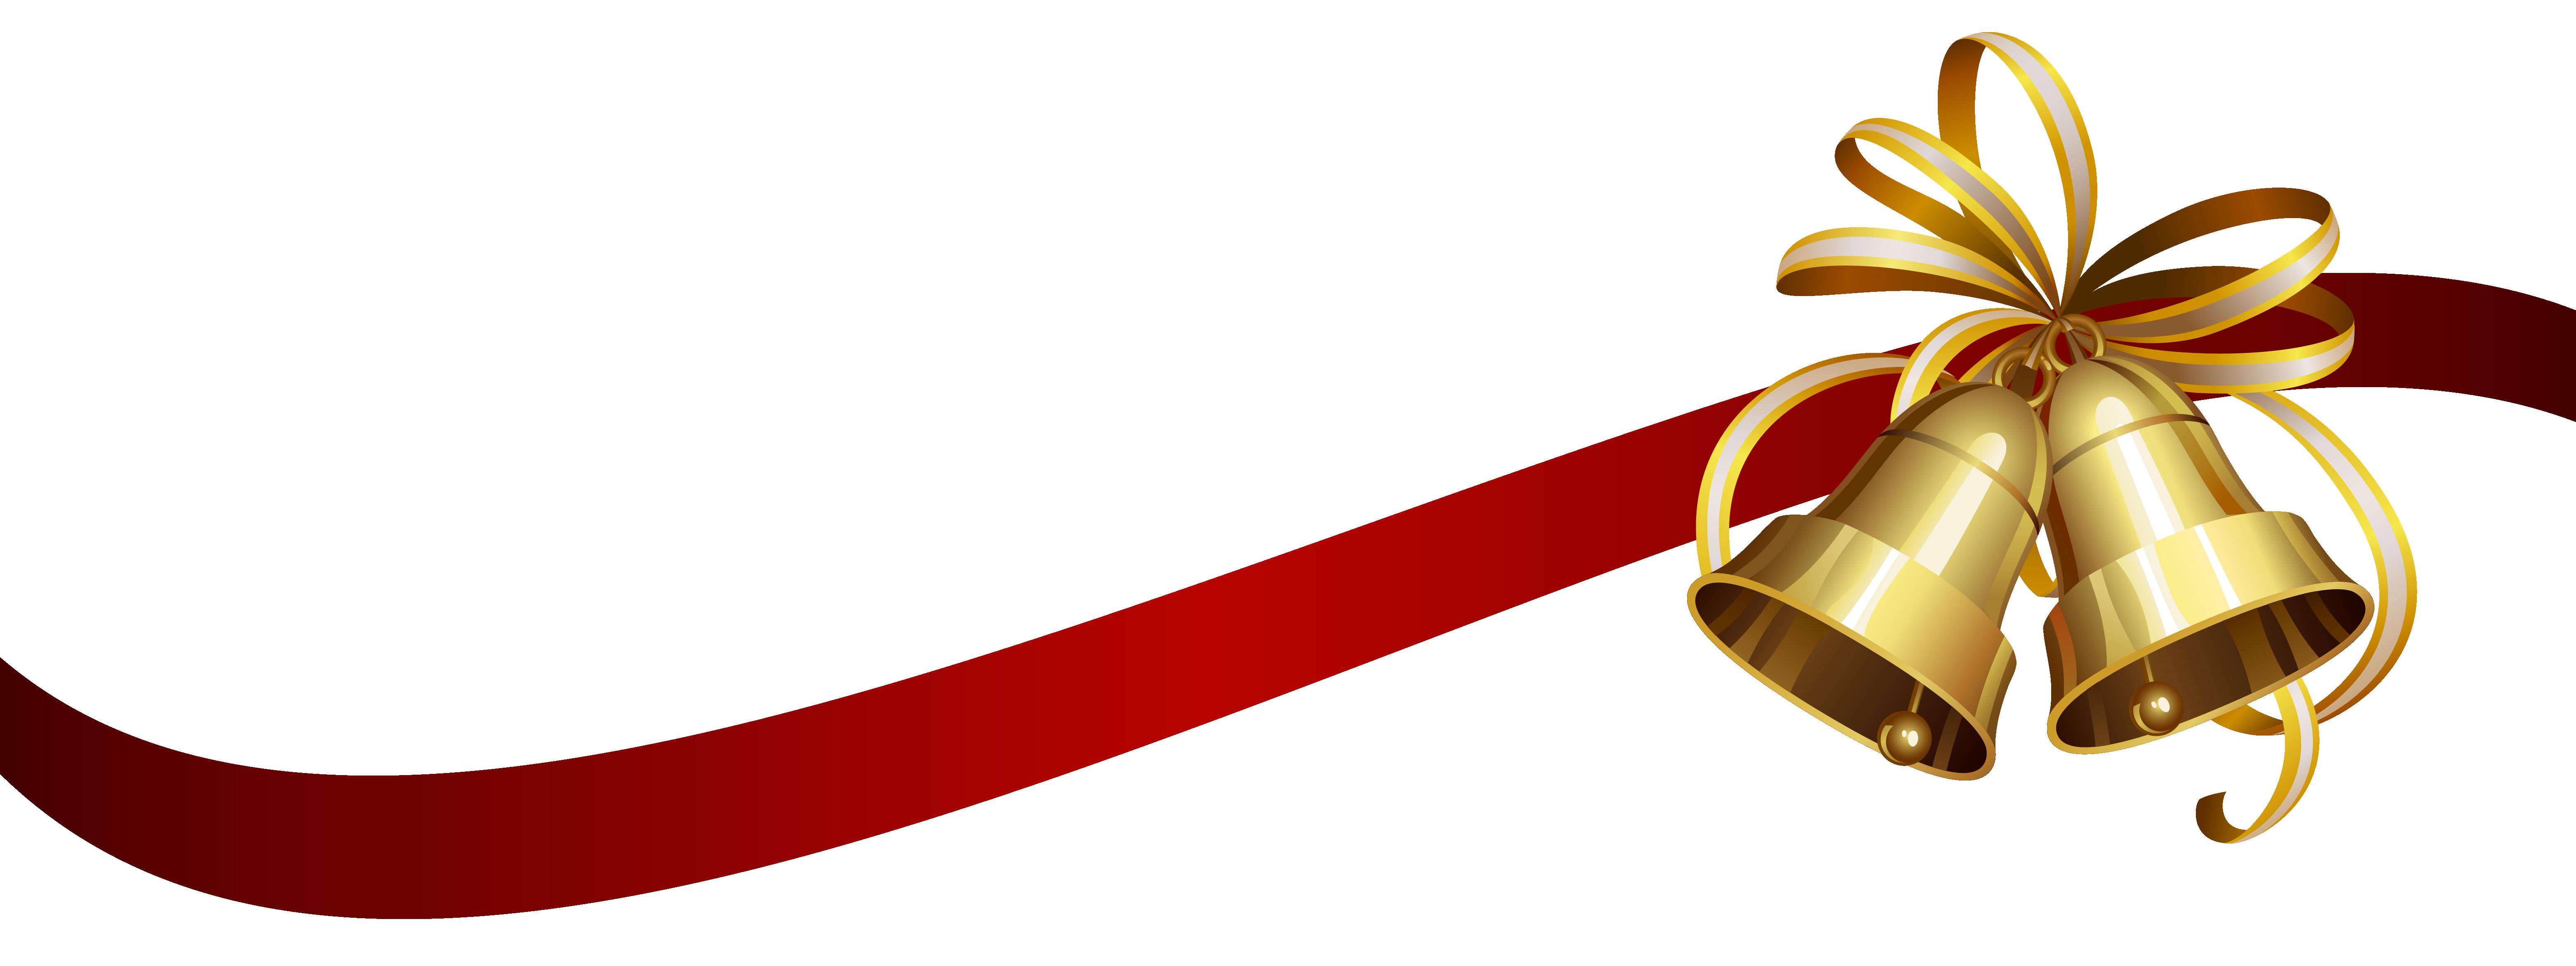 Ribbon-PNG-Image.png